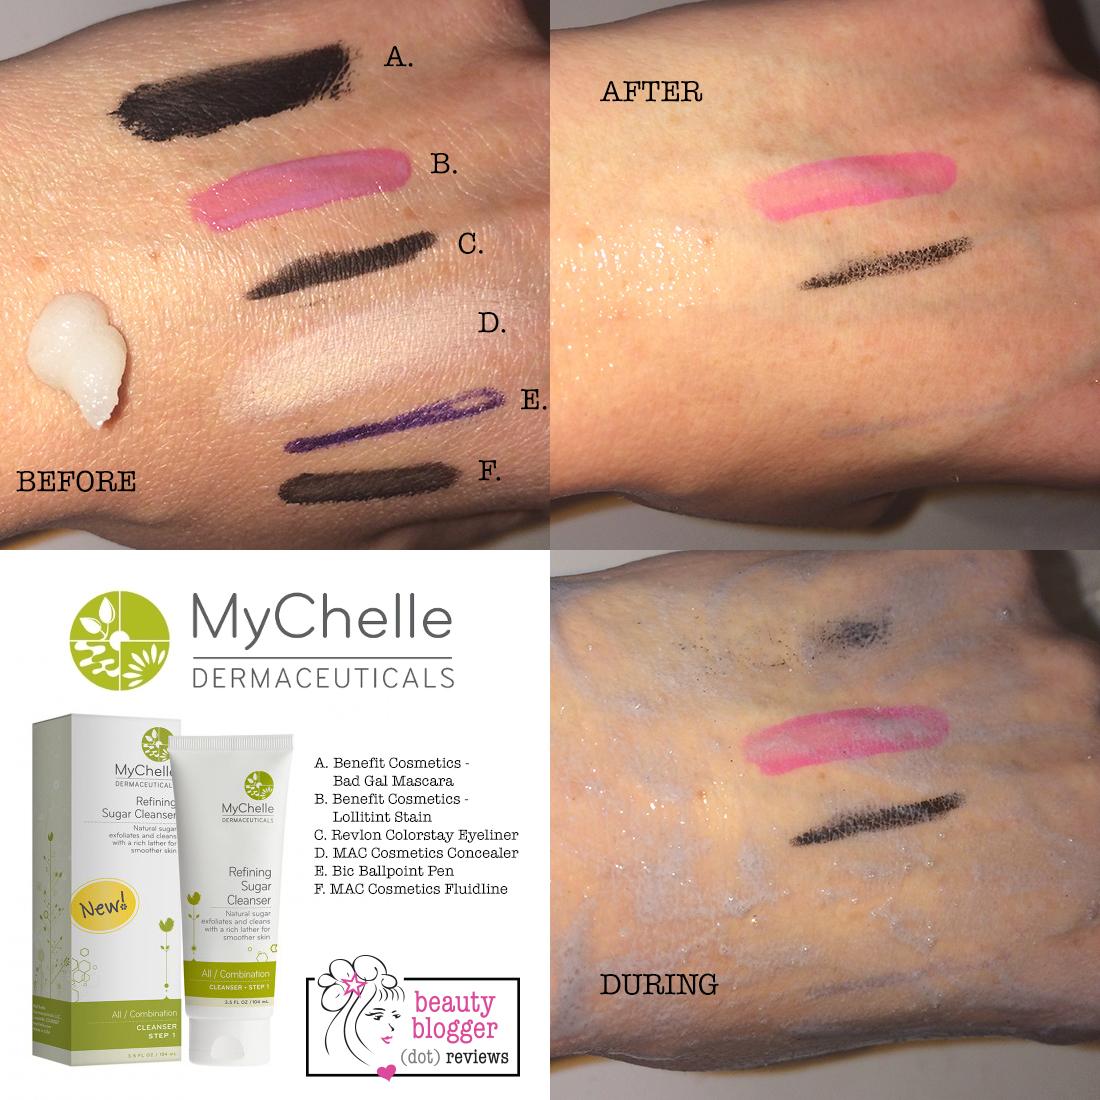 Beauty Blogger Reviews – MyChelle Dermaceuticals